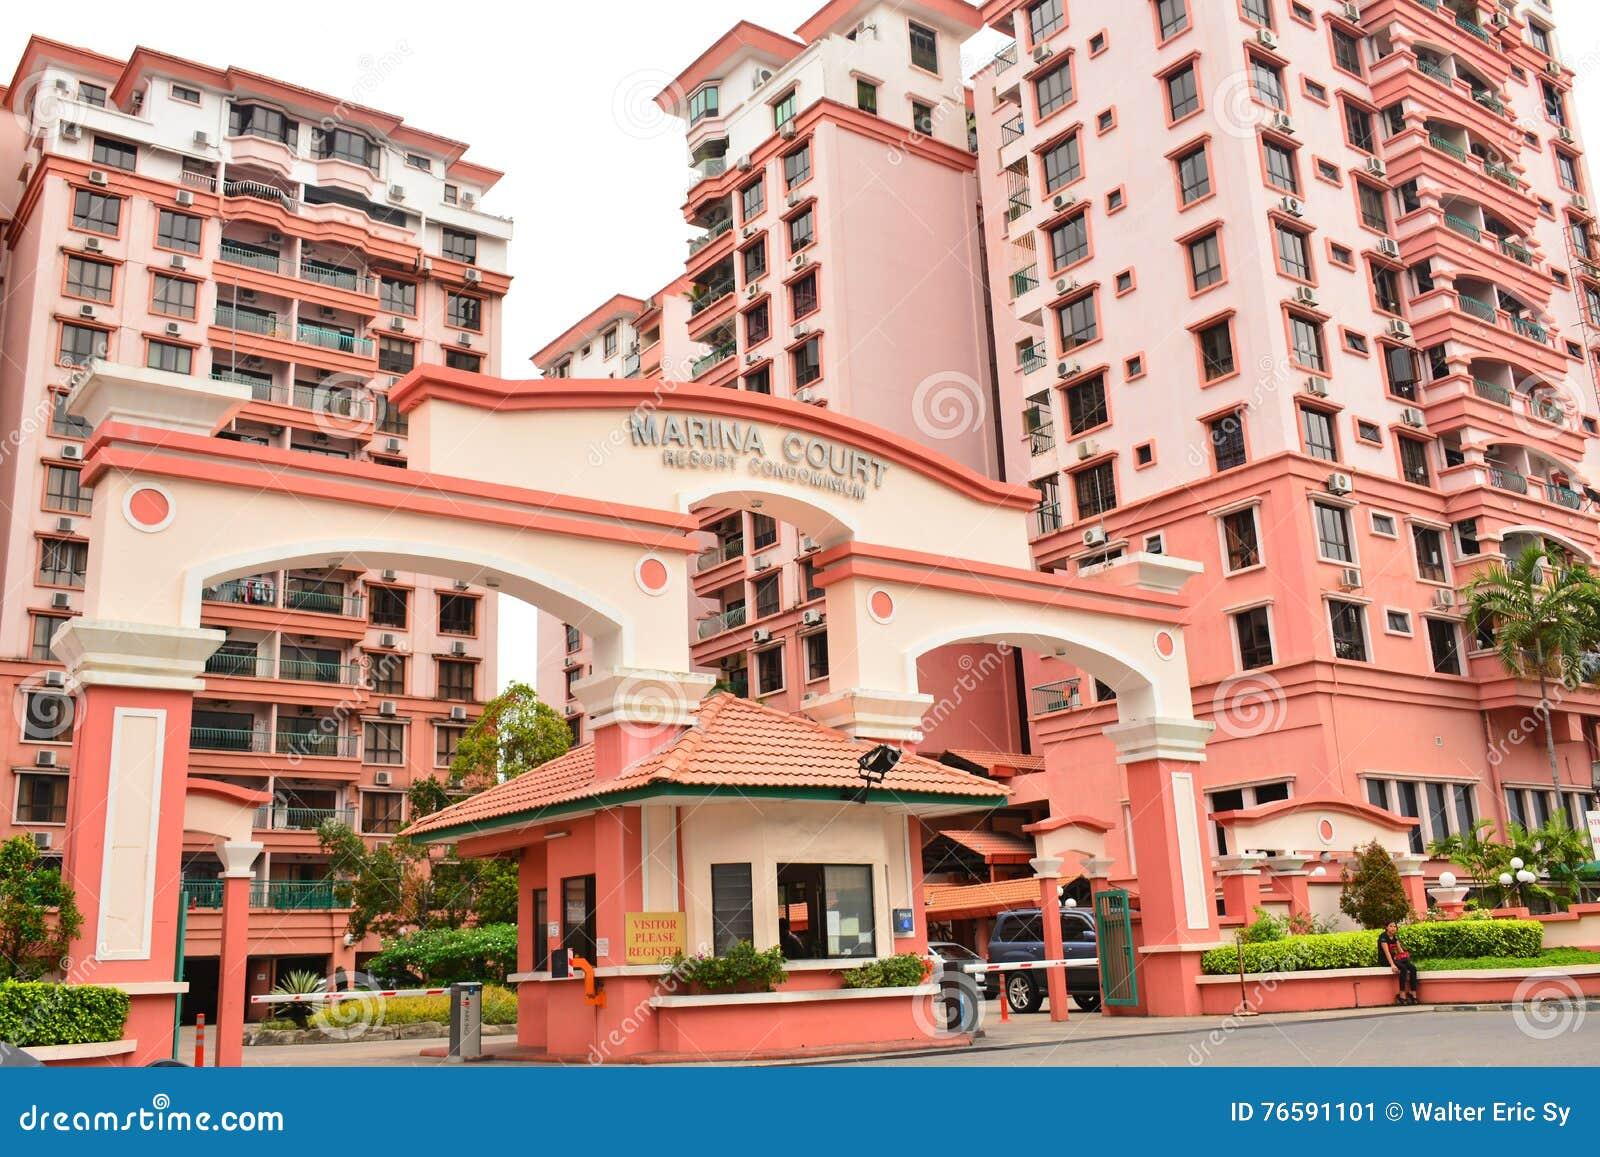 Marina Court Resort Condominium Facade in Malesia